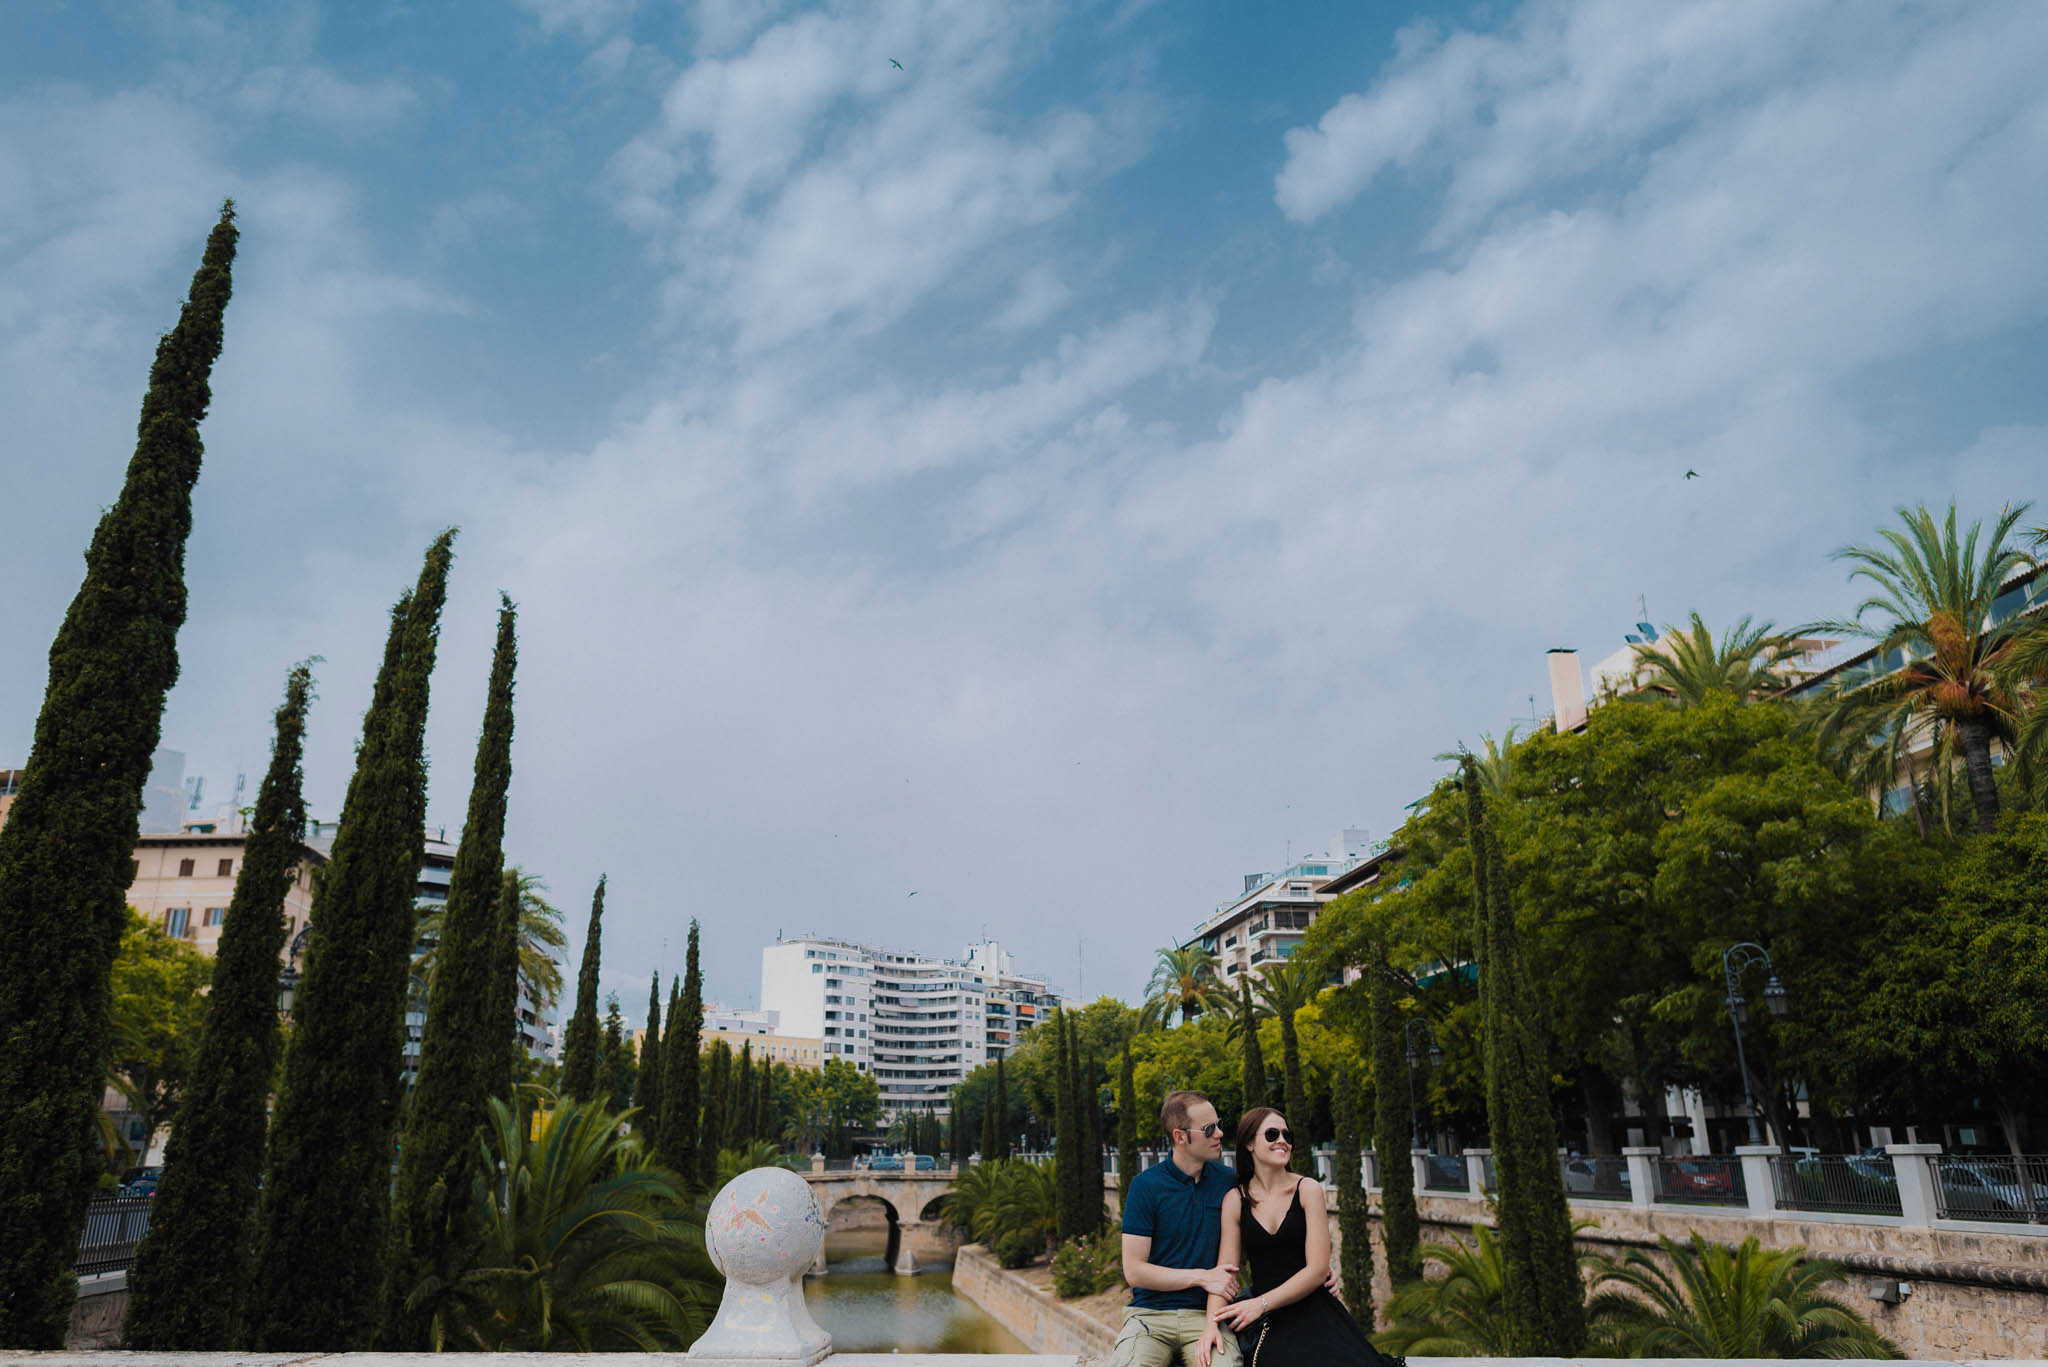 destination-wedding-photography-spain-palma-de-mallorca (22)